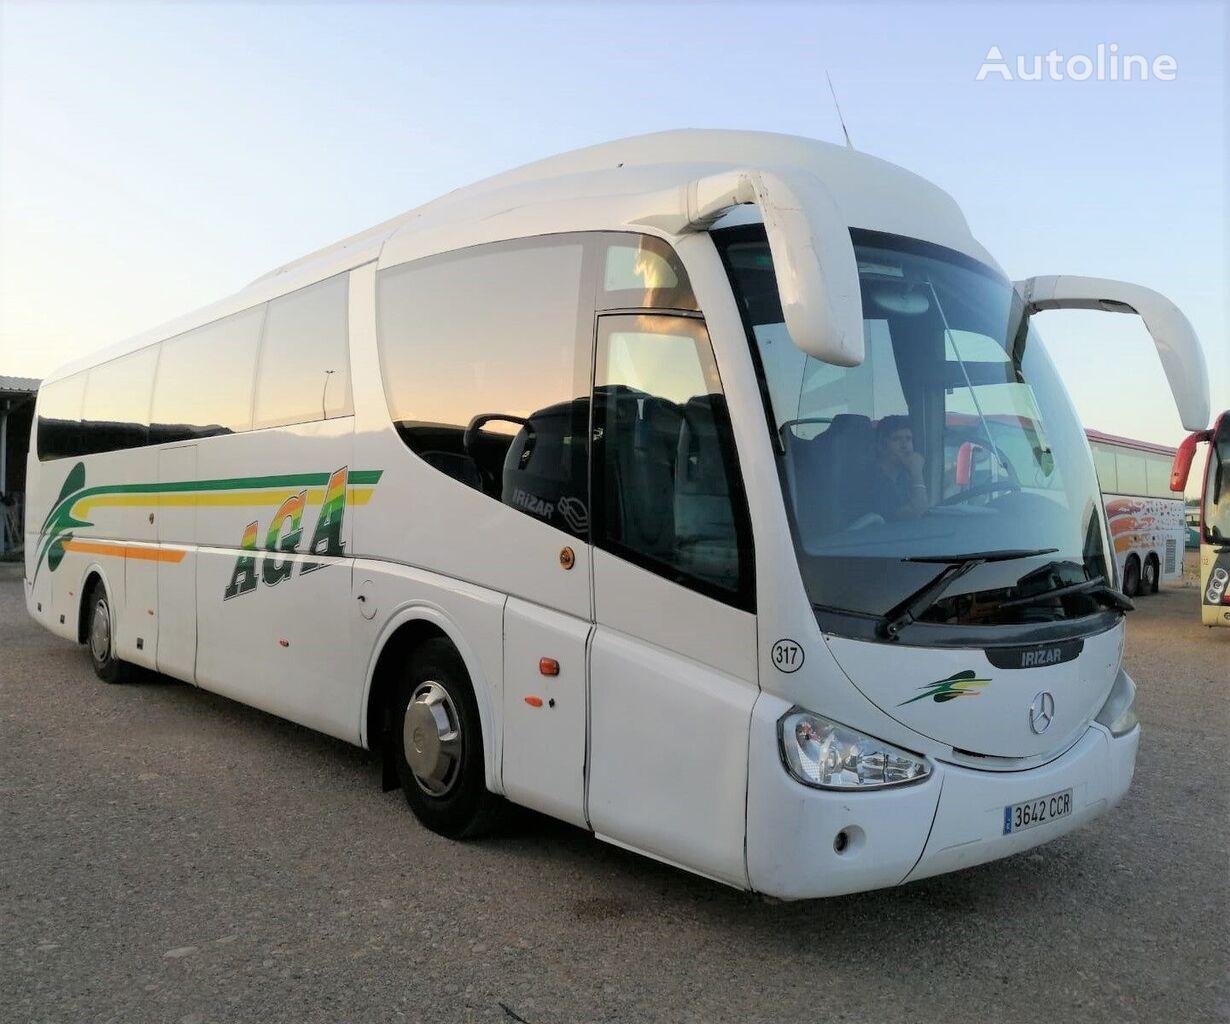 MERCEDES-BENZ OC500 - IRIZAR PB+420CV EURO3 MANUAL coach bus